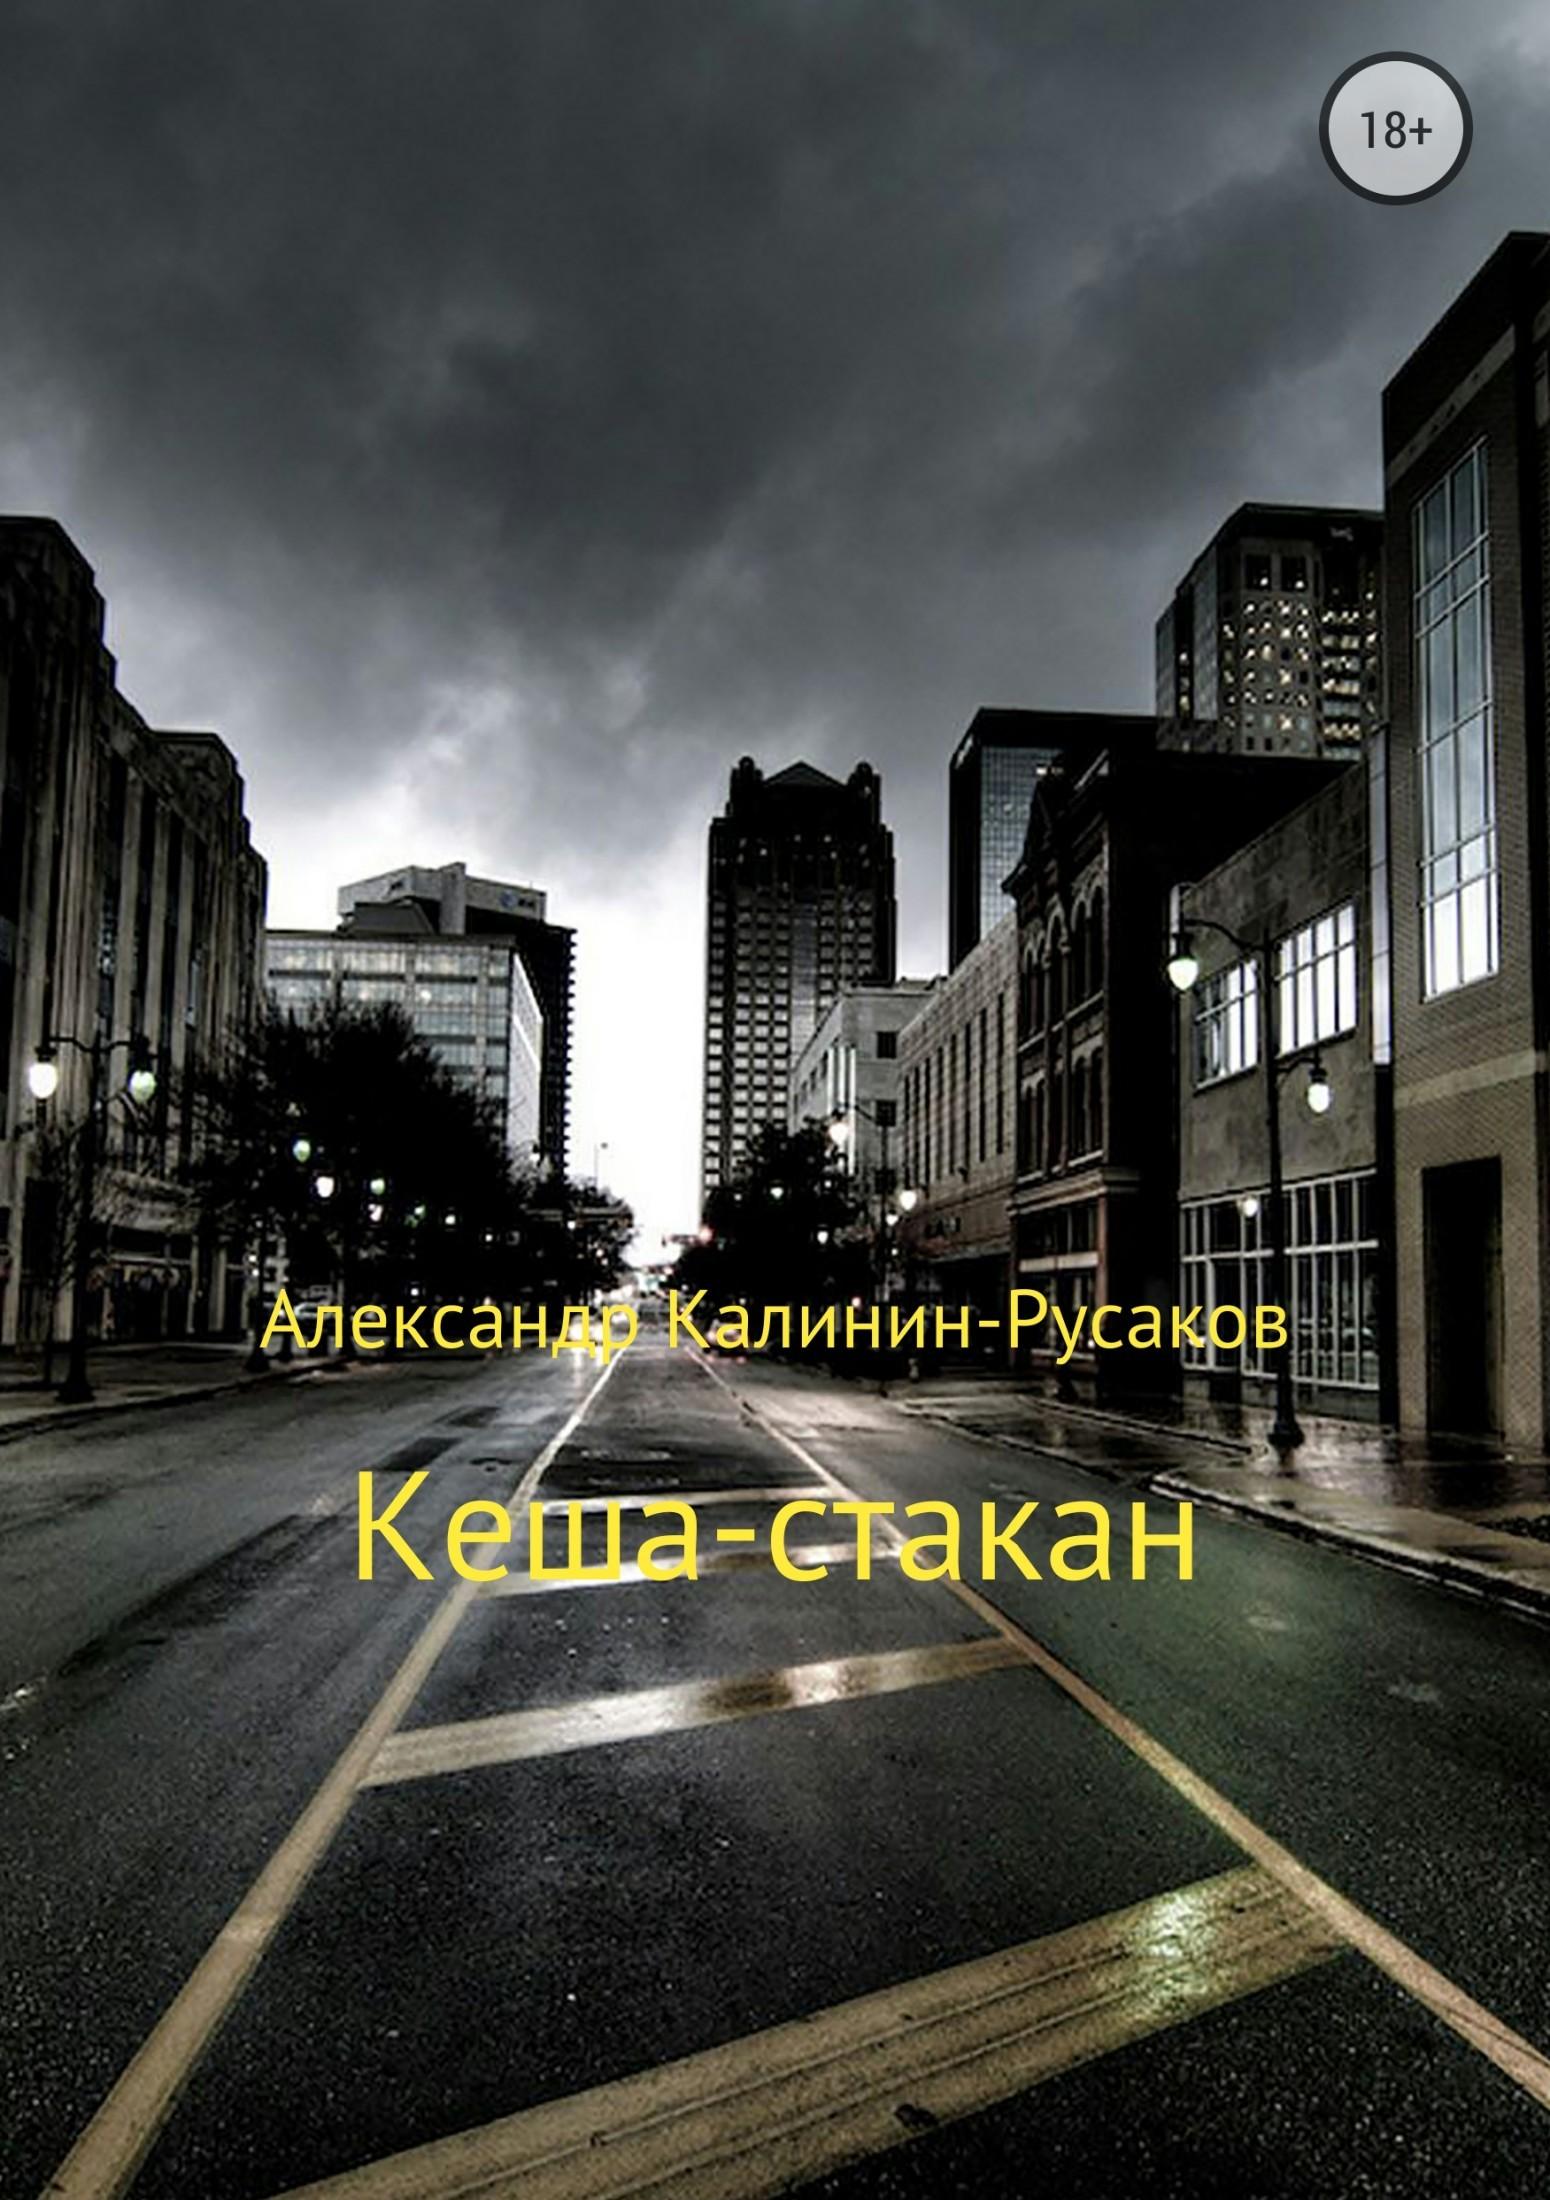 Александр Никонорович Калинин - Русаков бесплатно